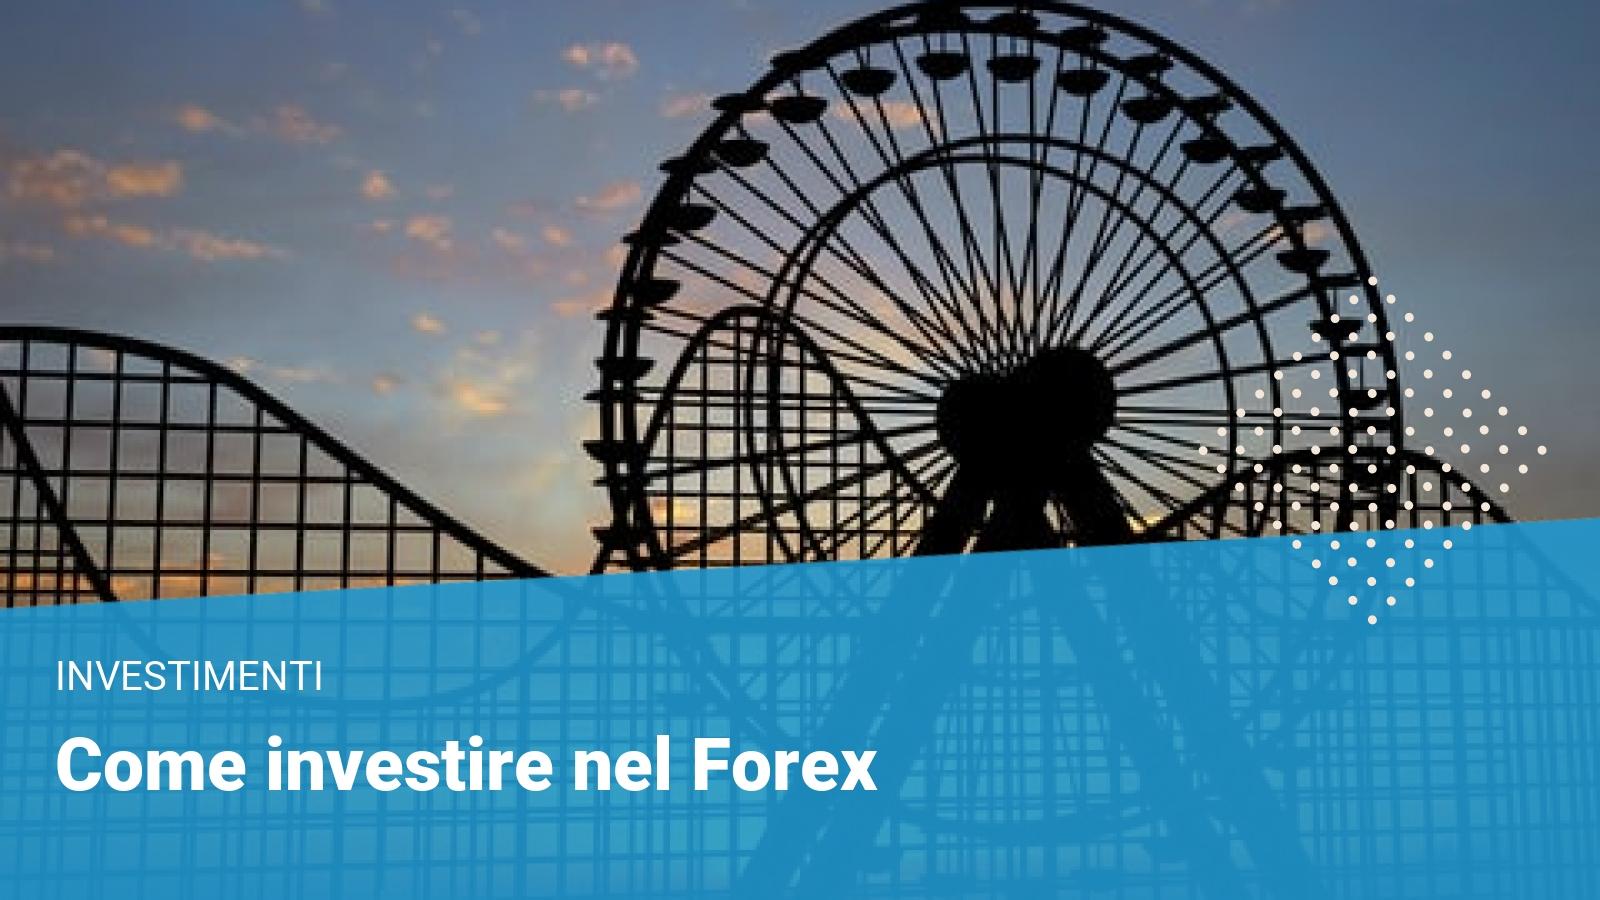 Investimenti Forex - Financer.com Italia